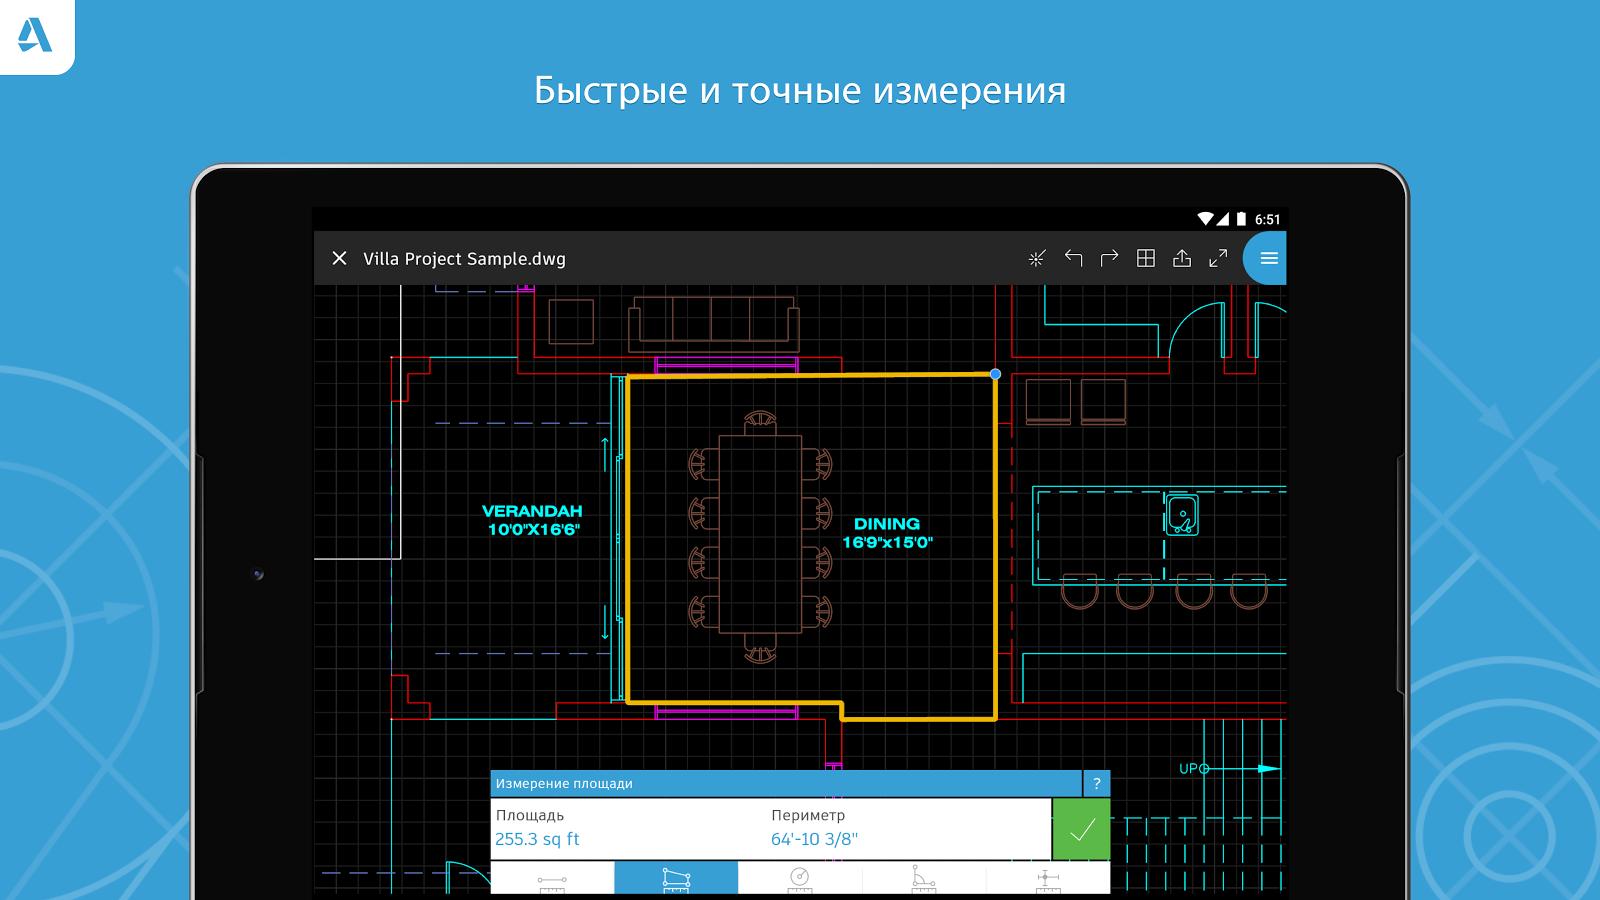 автокад 2012 скачать бесплатно русская версия без регистрации